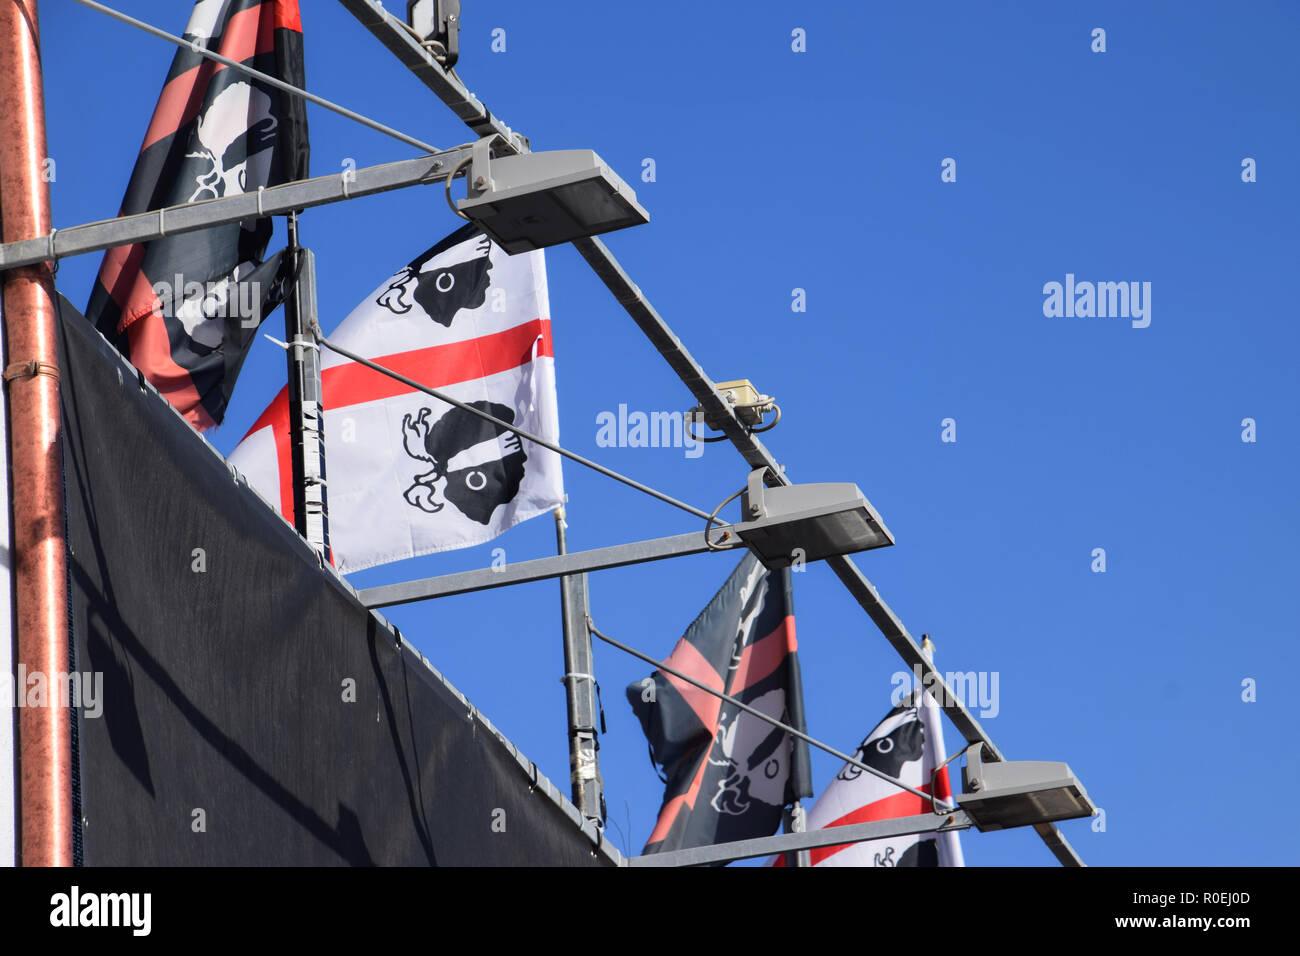 CASTELSARDO, ITALIE - Le 12 septembre 2018: beaucoup de drapeaux de nationalisme sarde en face de ciel clair et bleu profond en été, sarde drapeaux flottant Photo Stock